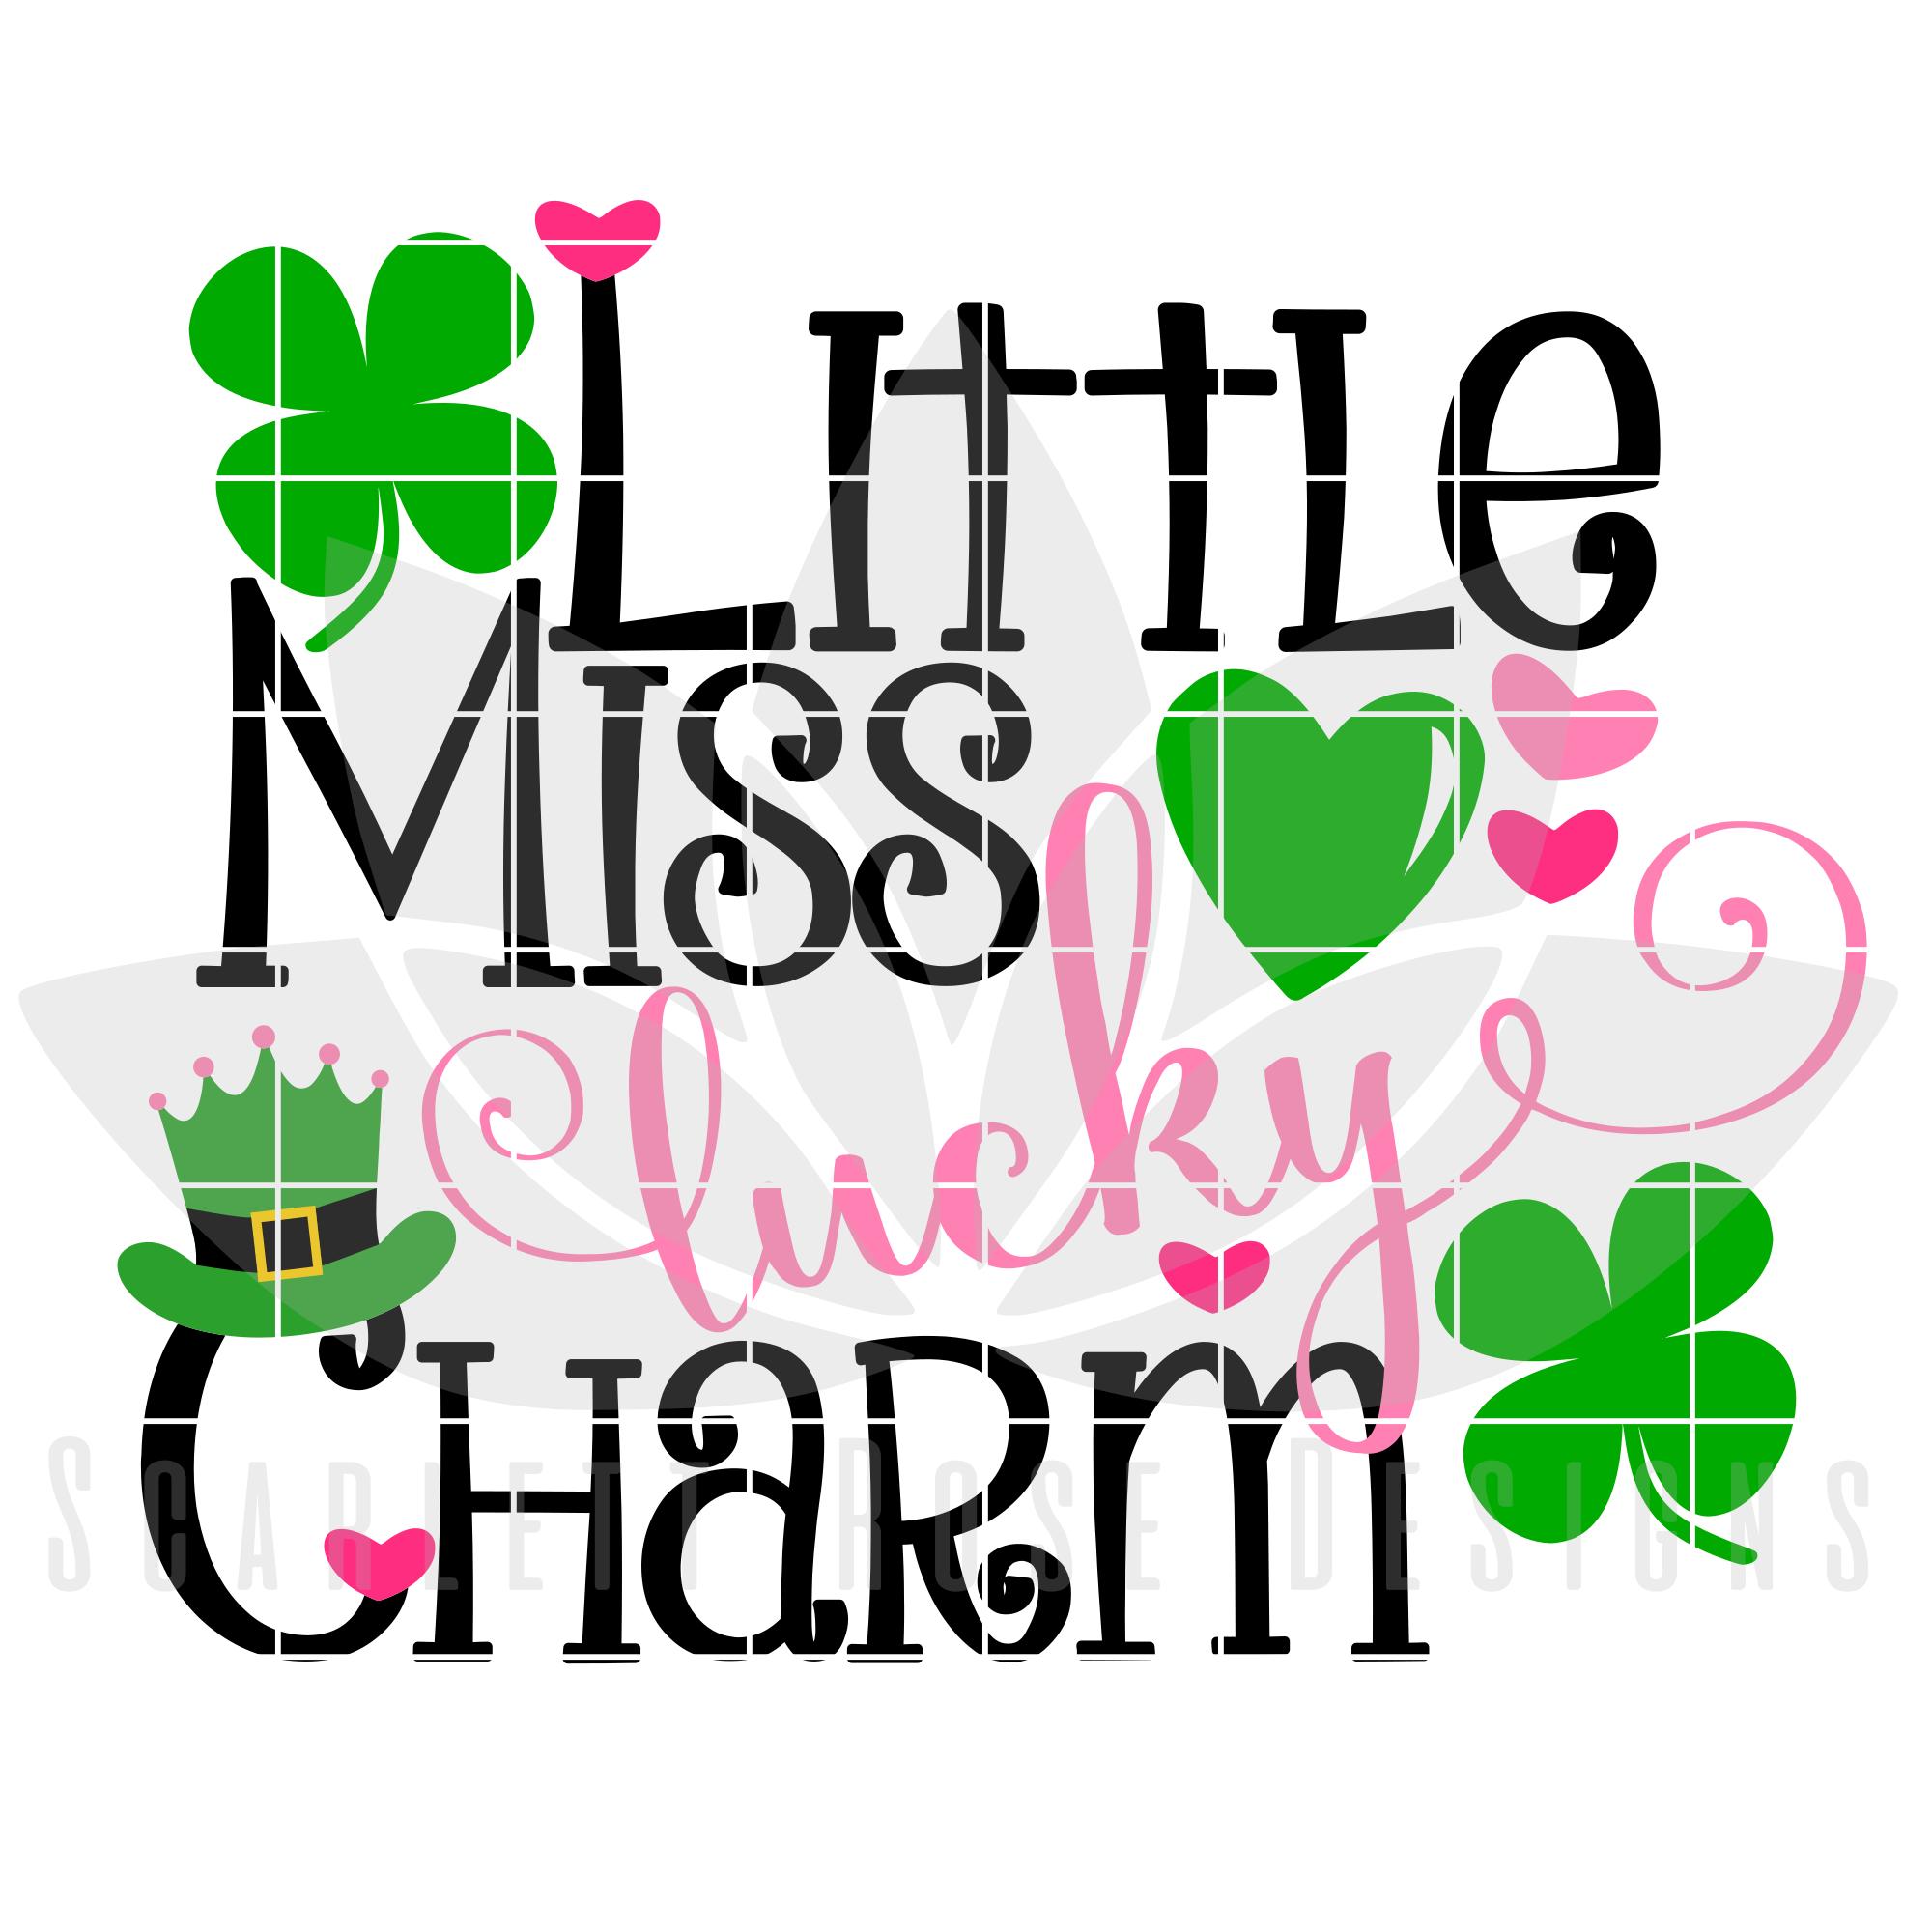 2000x2000 Little Miss Lucky Charm